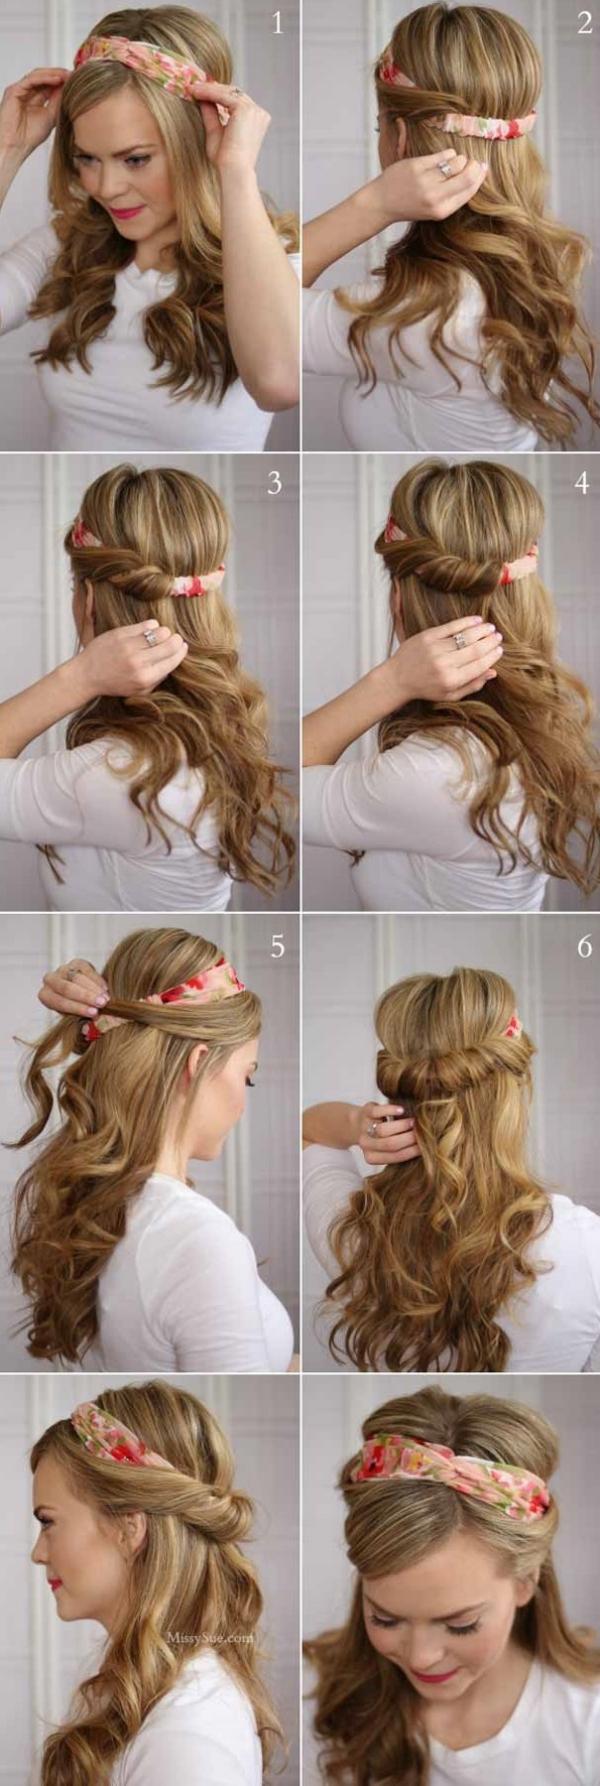 coiffure avec foulard mèches et bandana torsadés